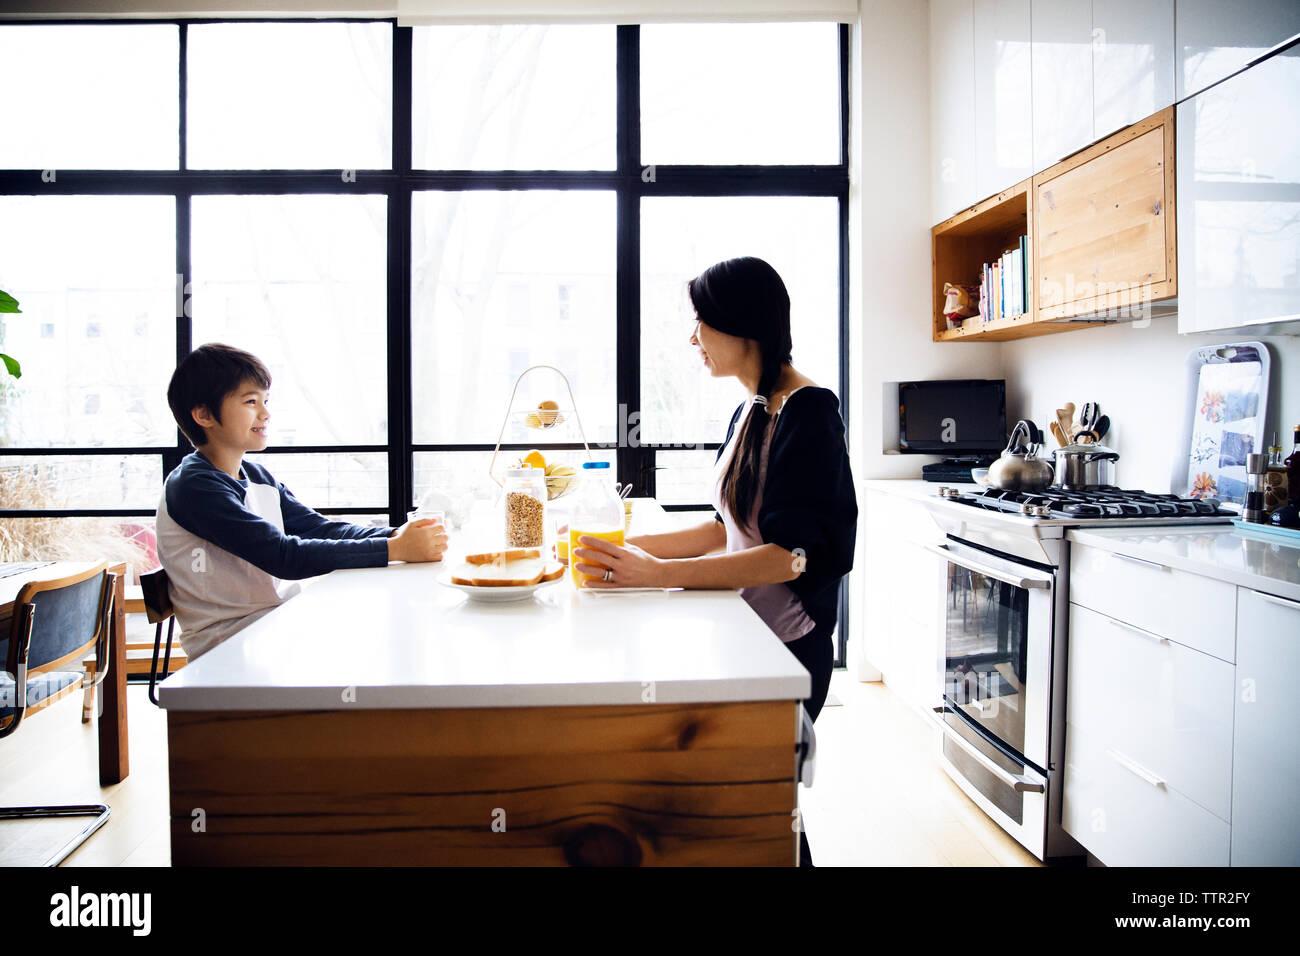 La mère et le fils manger le petit déjeuner sur la table de cuisine bien éclairées. Banque D'Images